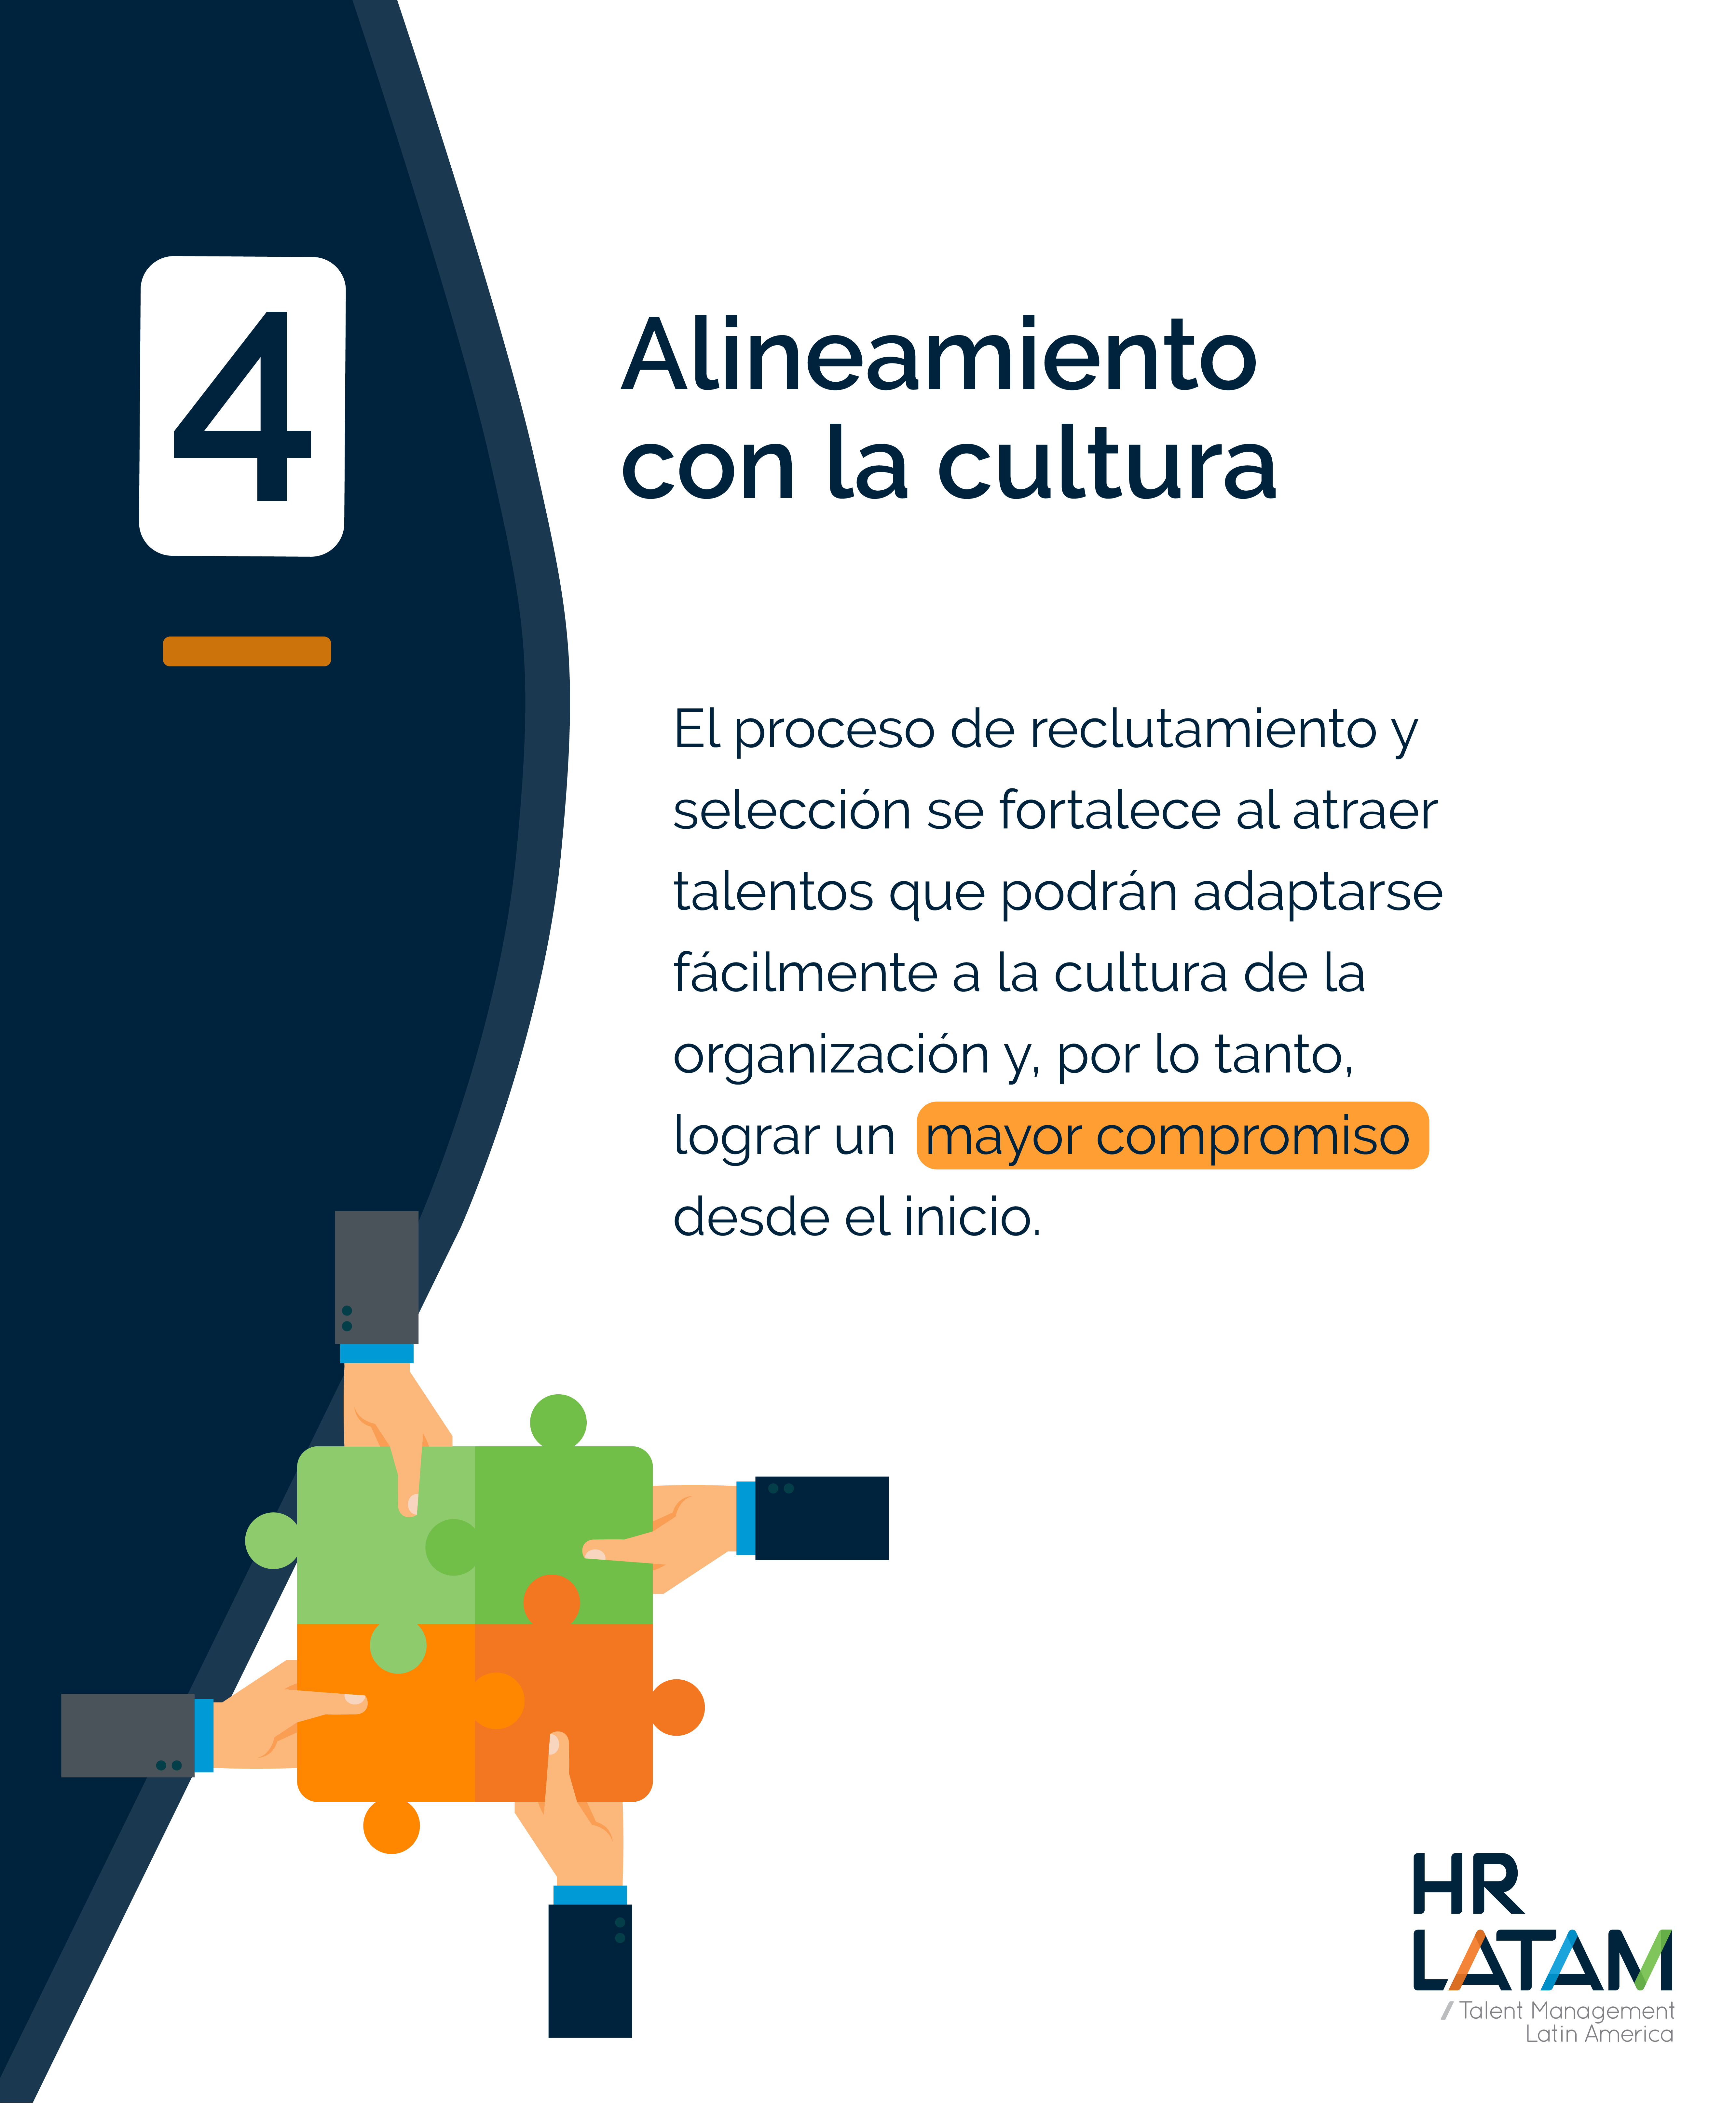 Alineamiento con la cultura (deseabilidad de empleo)